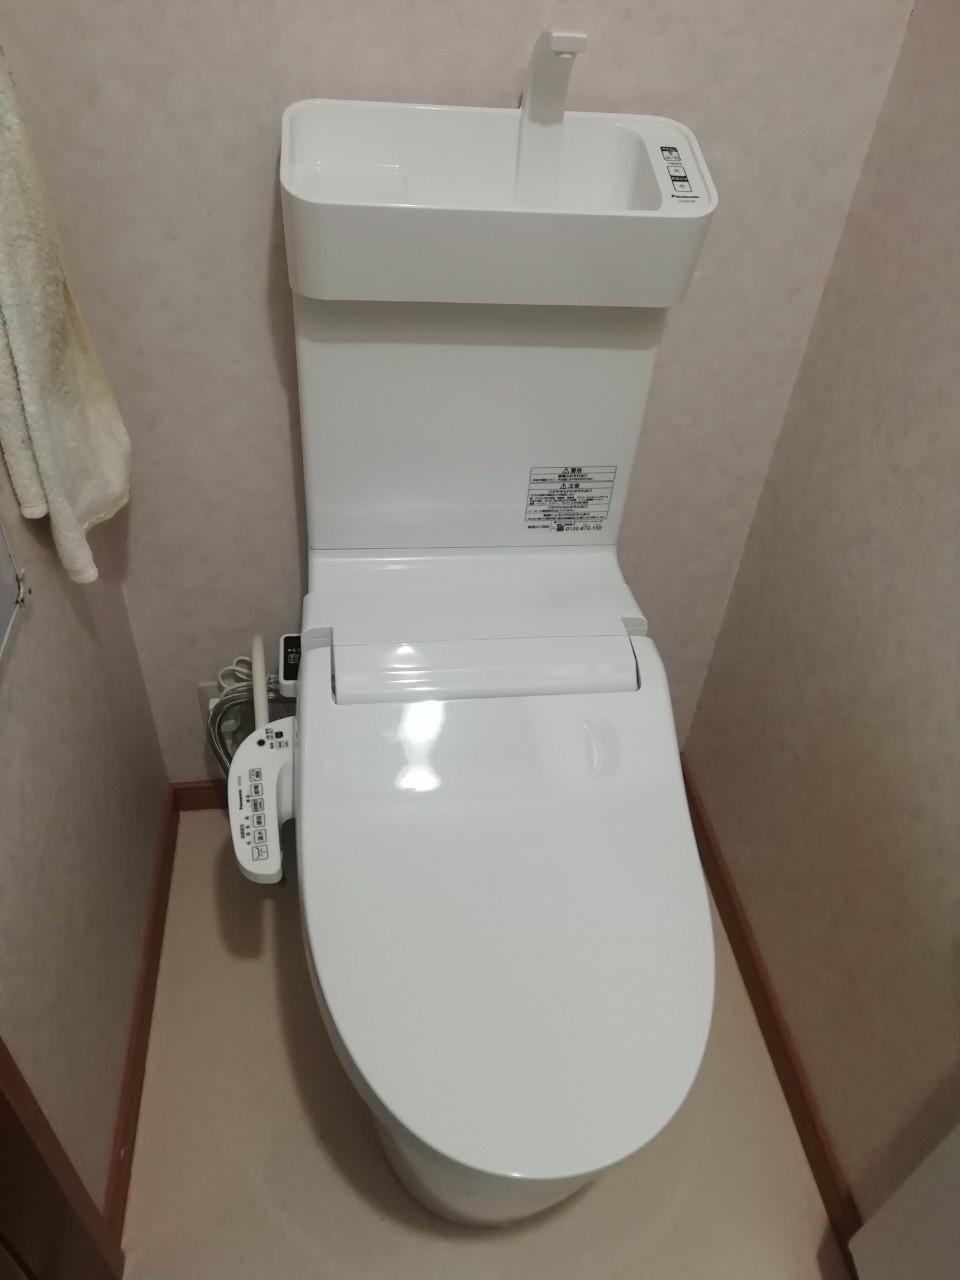 パナソニック New アラウーノV 交換工事|XCH3015WST|京都市北区紫竹